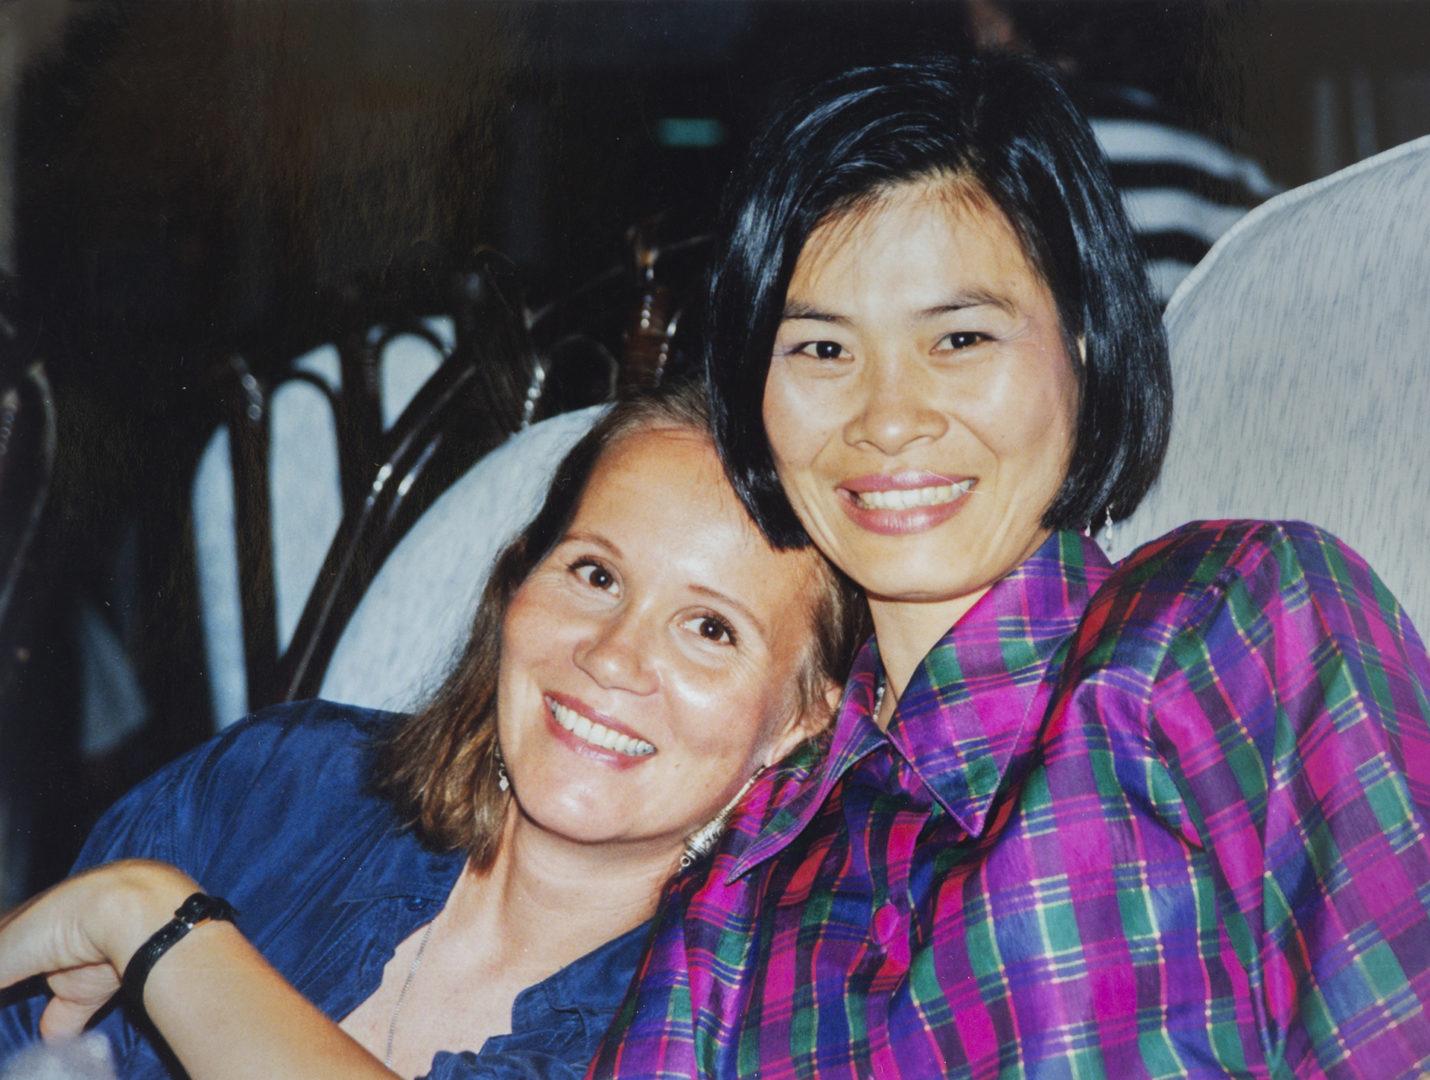 Maailmalta löytyy ystäviä. Thaimaalaisen Dares tarjoaa hoitajakollegalle majapaikan Bangkokissa.